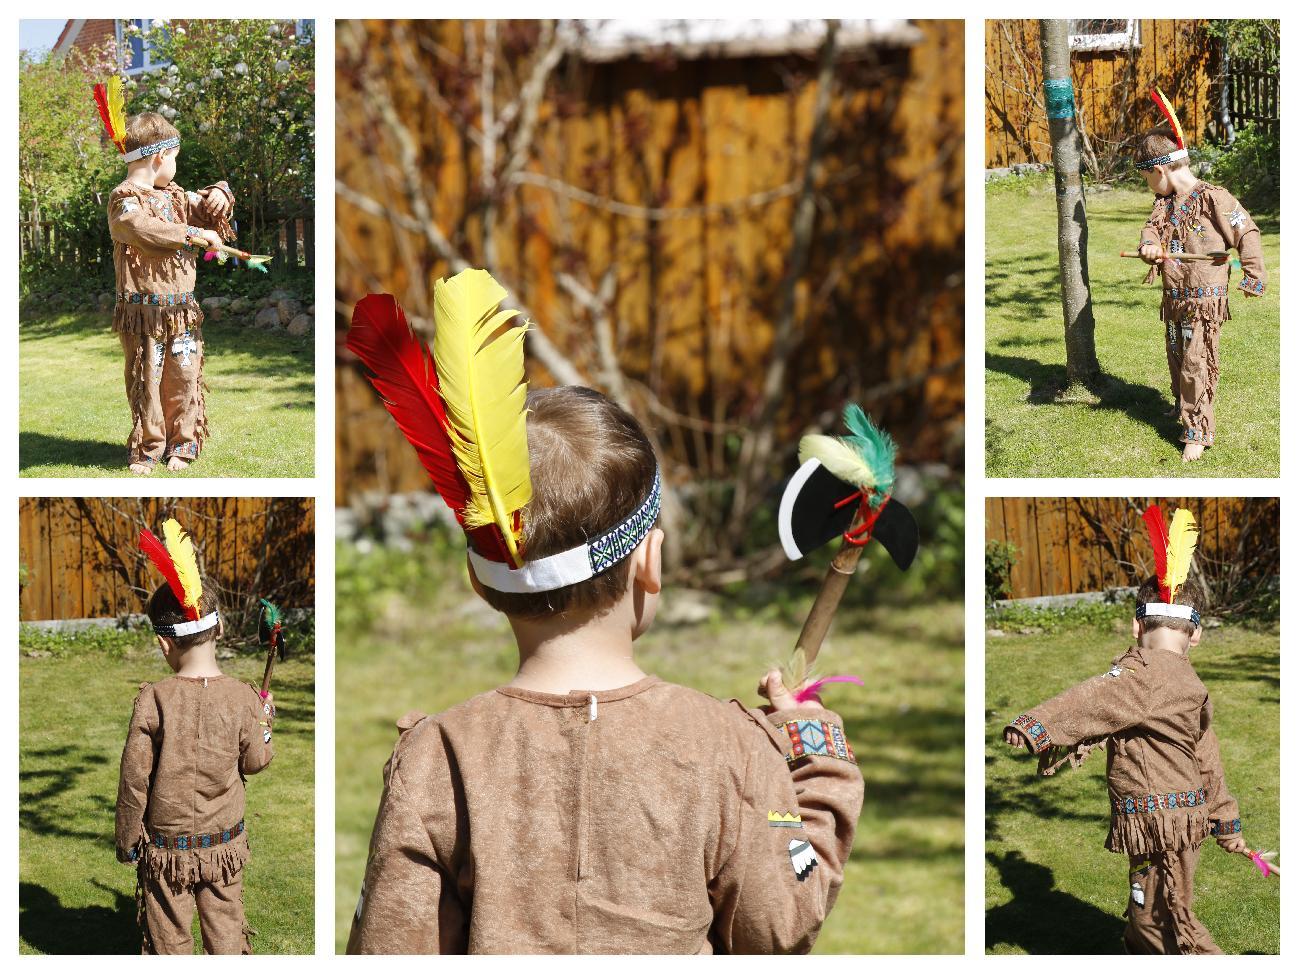 Komm, wir spielen Pirat, Indianer, Polizist, Feuerwehrmann, Ritter ...